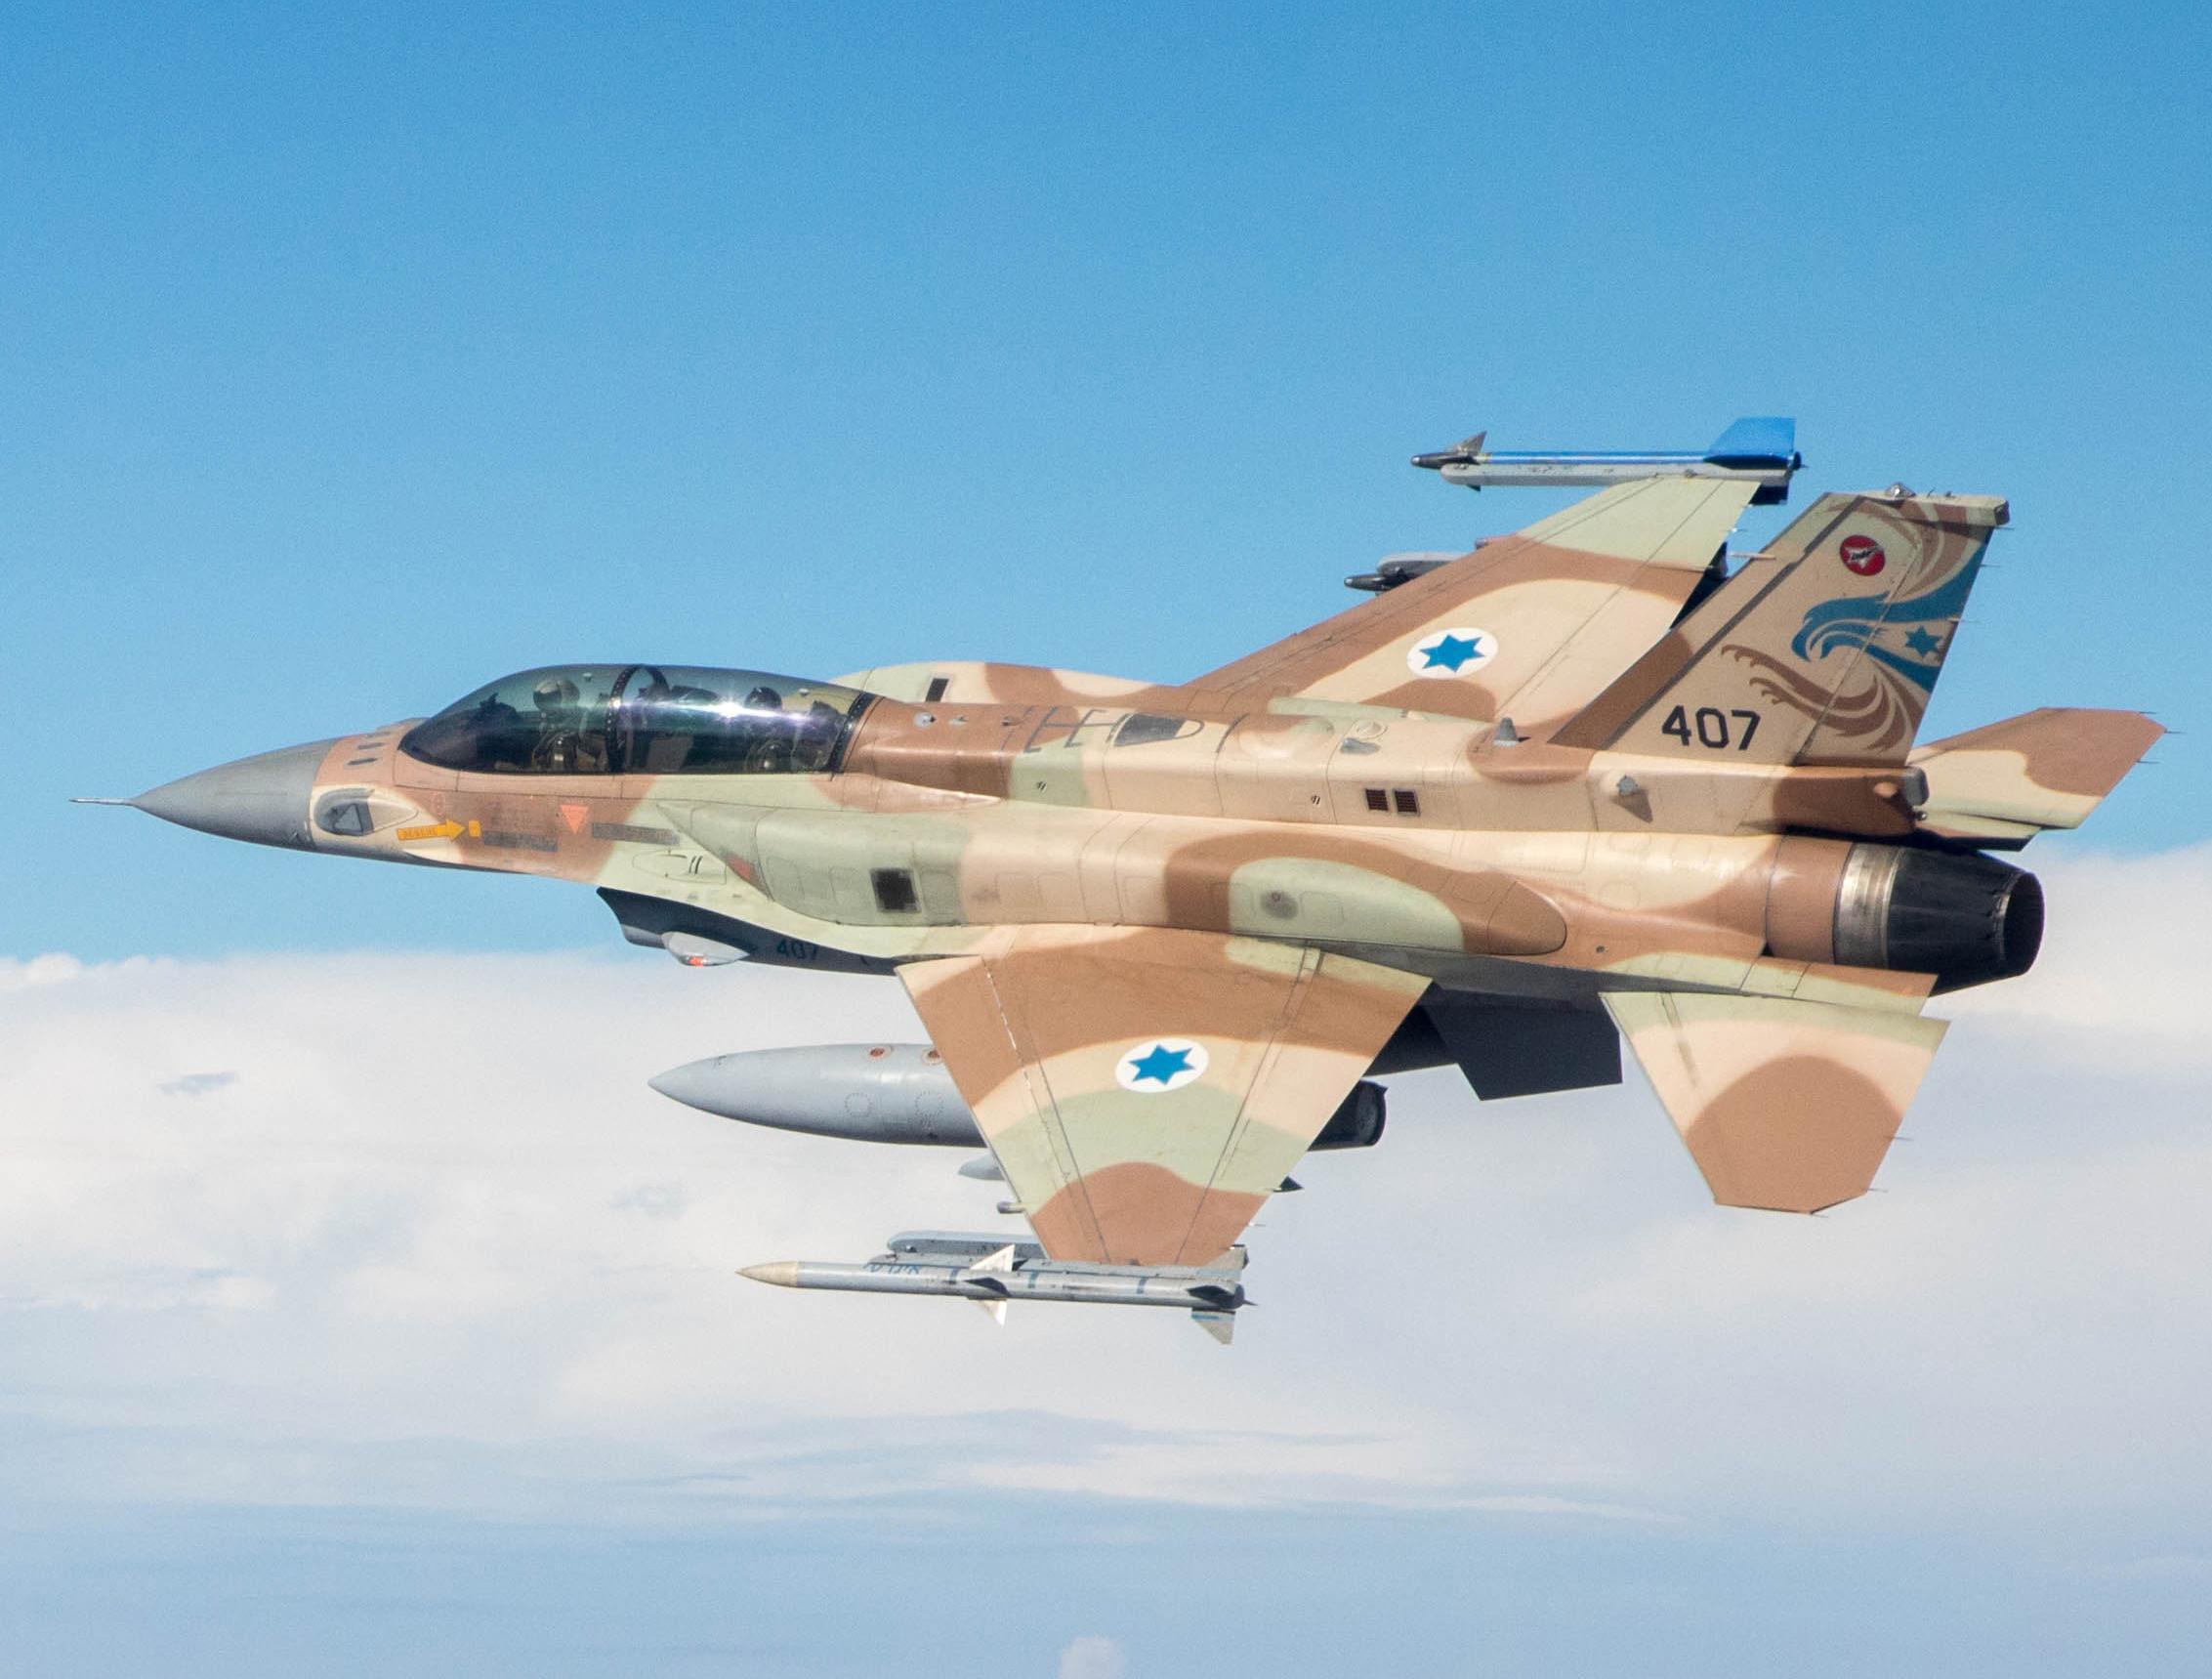 成�yi)�-f_他同时透露,空袭成功打击了伊朗无人机地面控制设施.